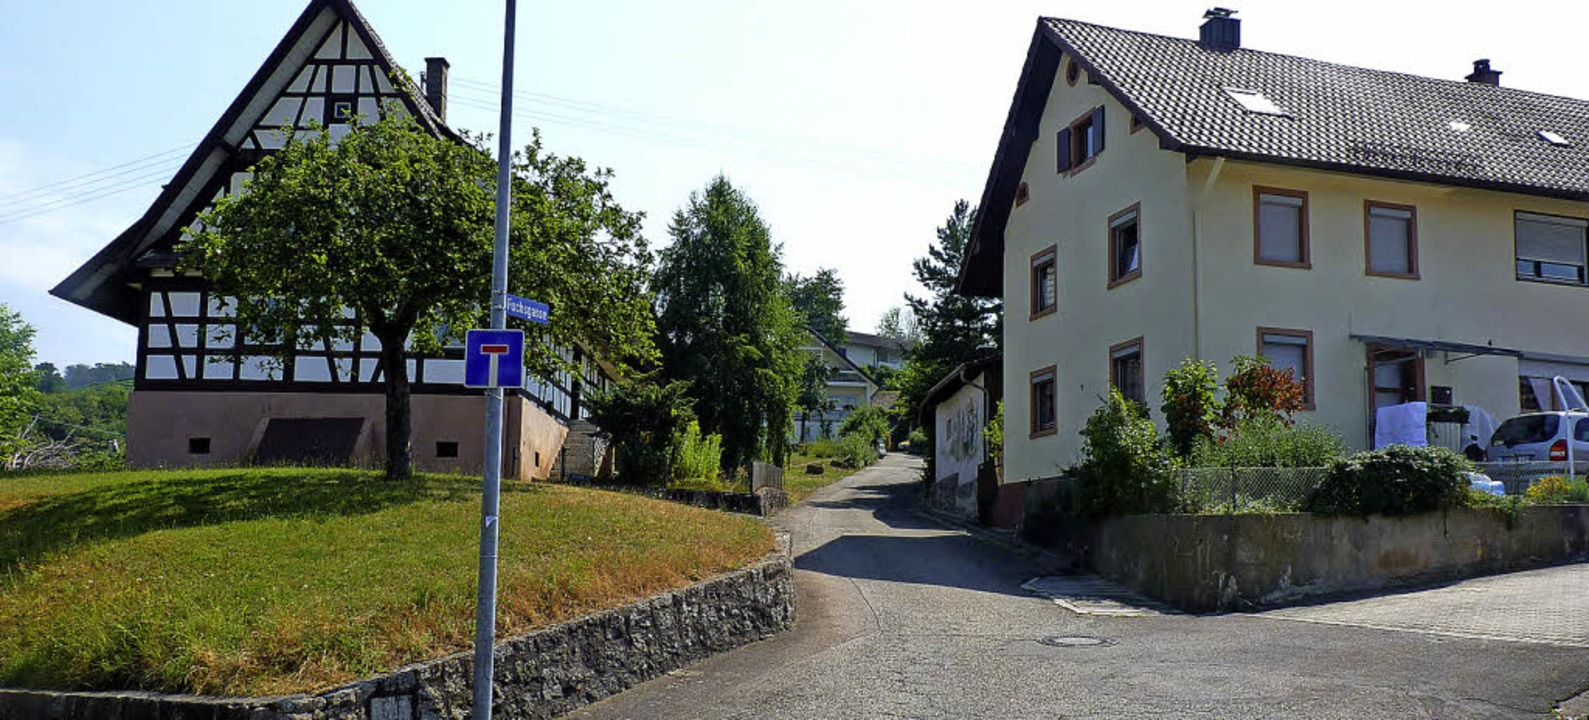 Im Bereich Fuchsgasse (l.) soll ein Wohnblock mit neun Wohneinheiten entstehen.     Foto: weizenecker